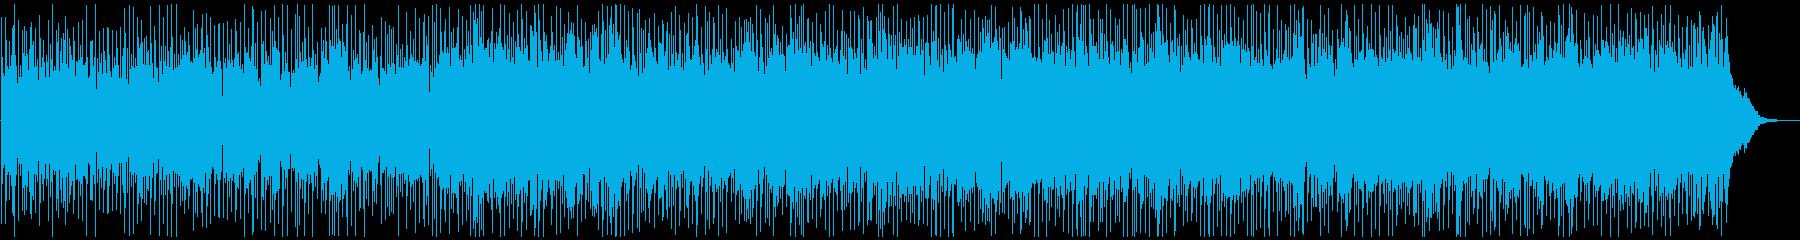 疾走感のあるカントリーロックの再生済みの波形